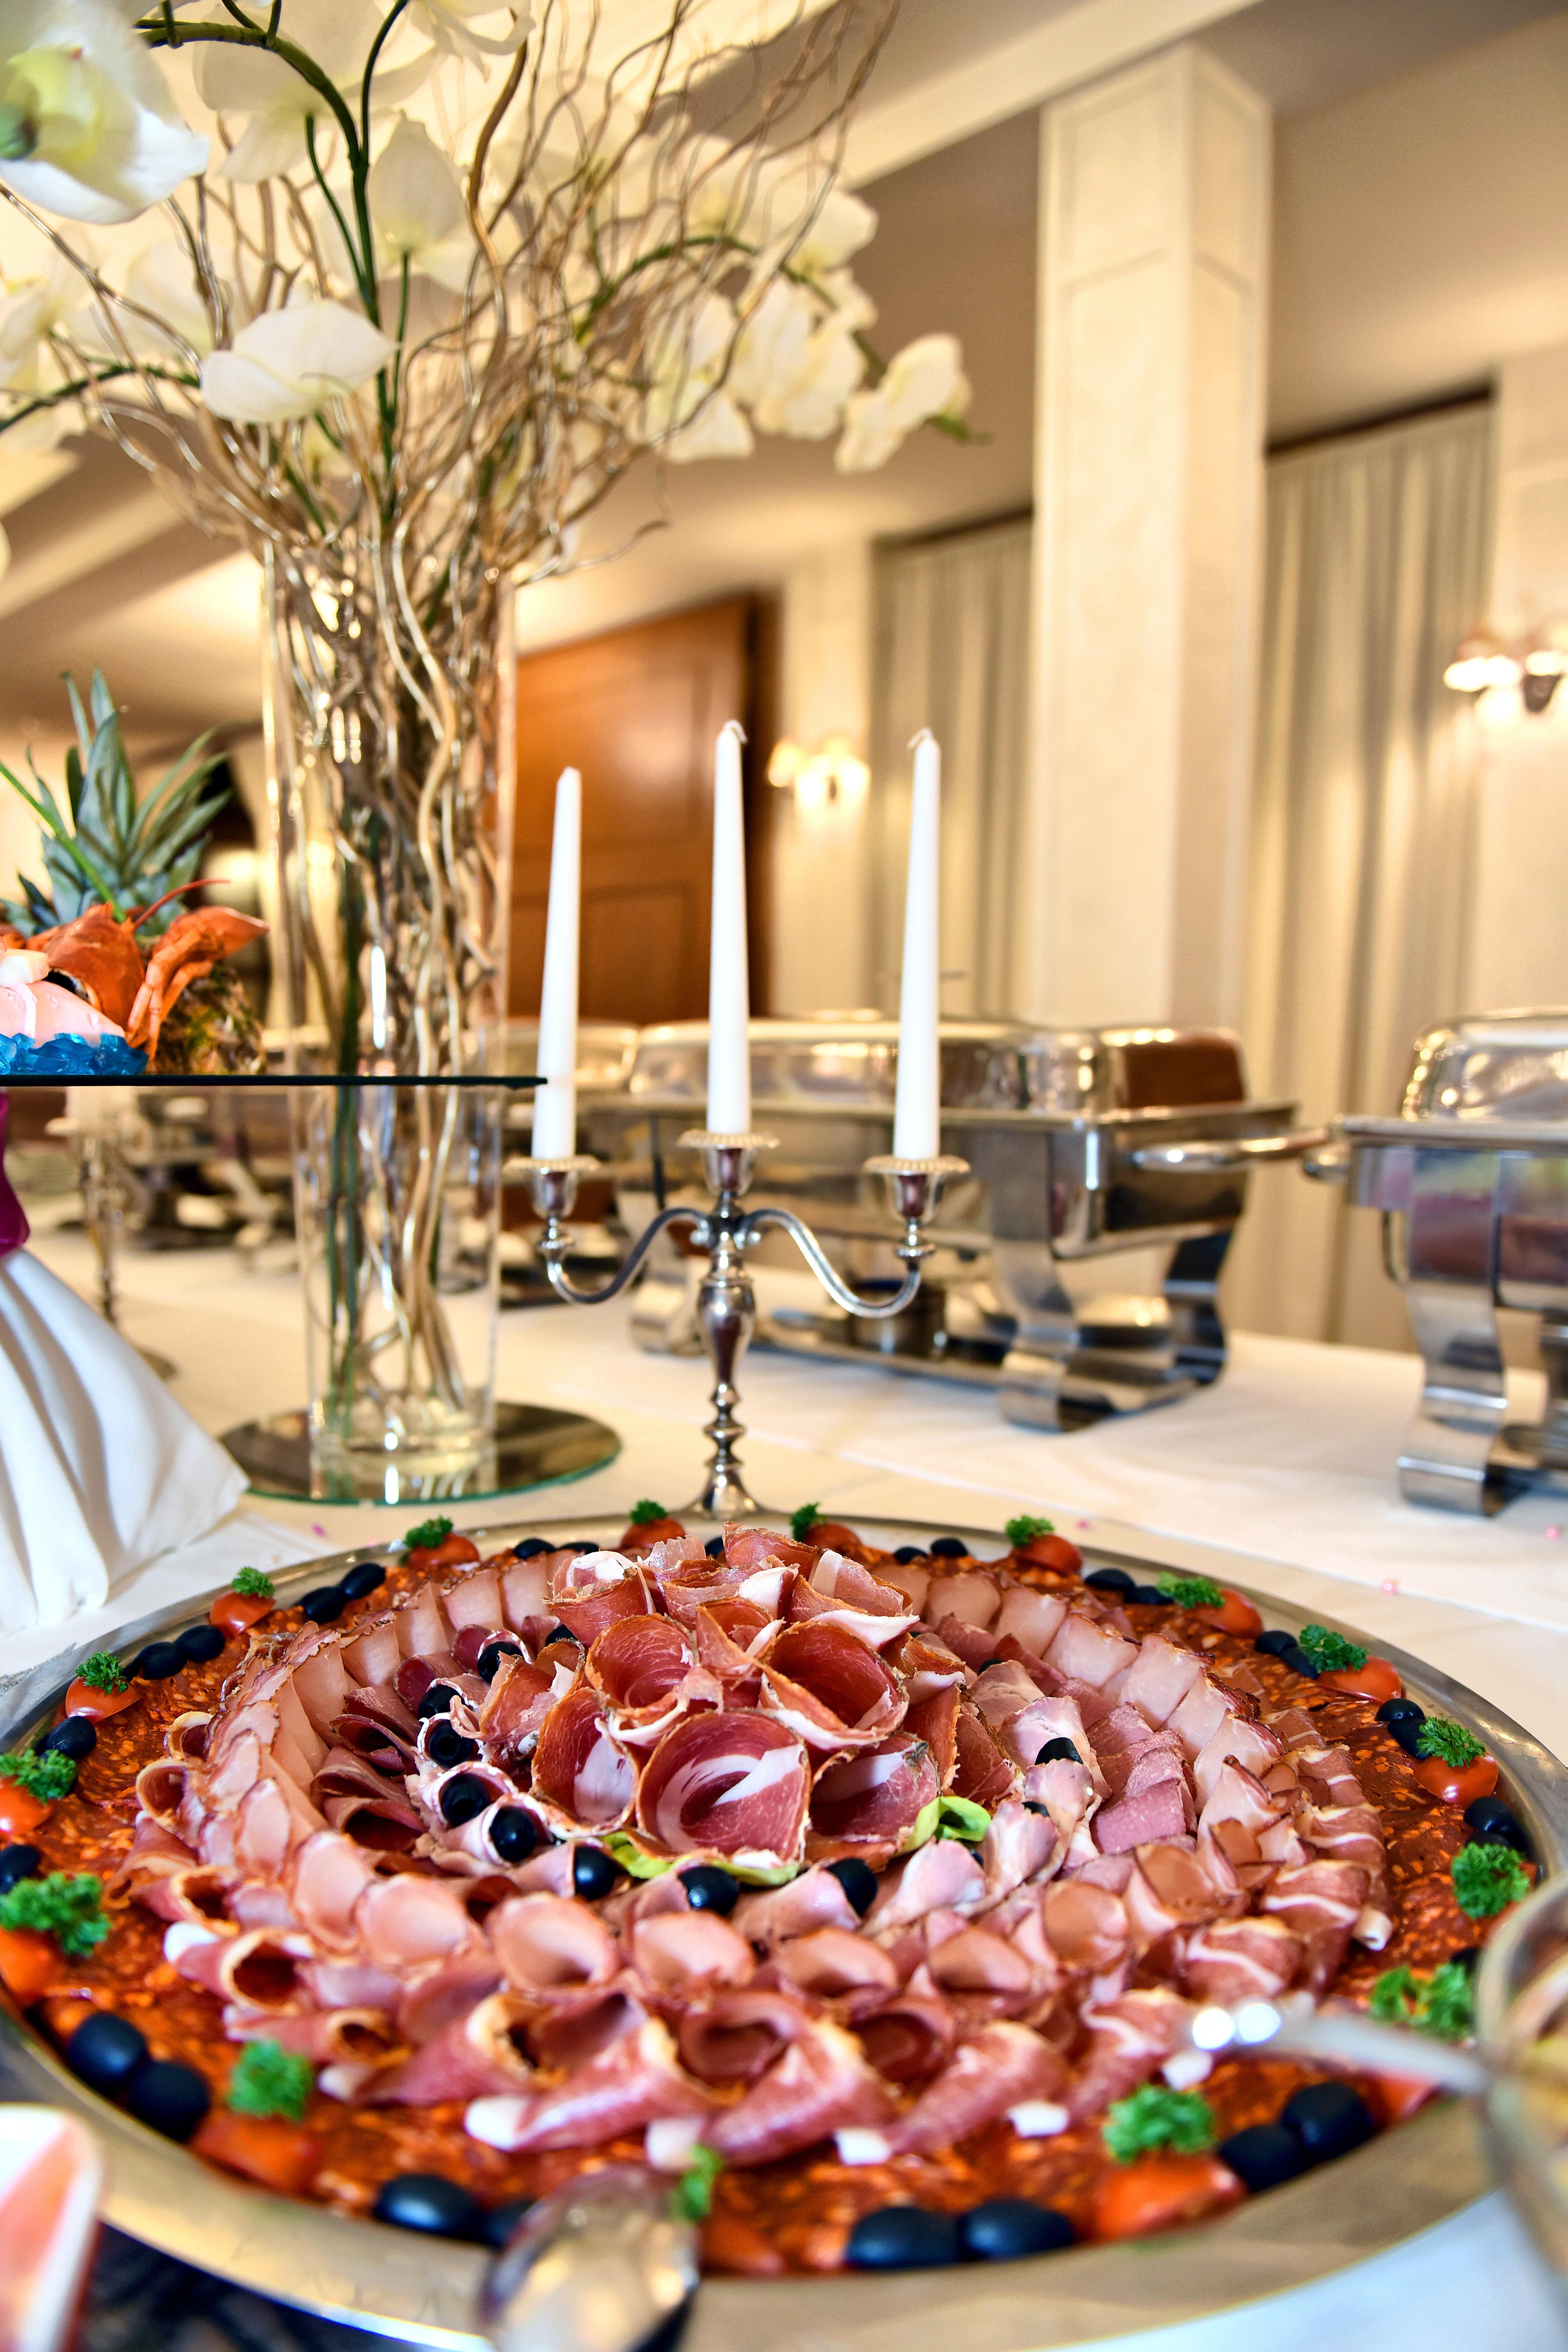 Hrana-dekoracije-2016-226